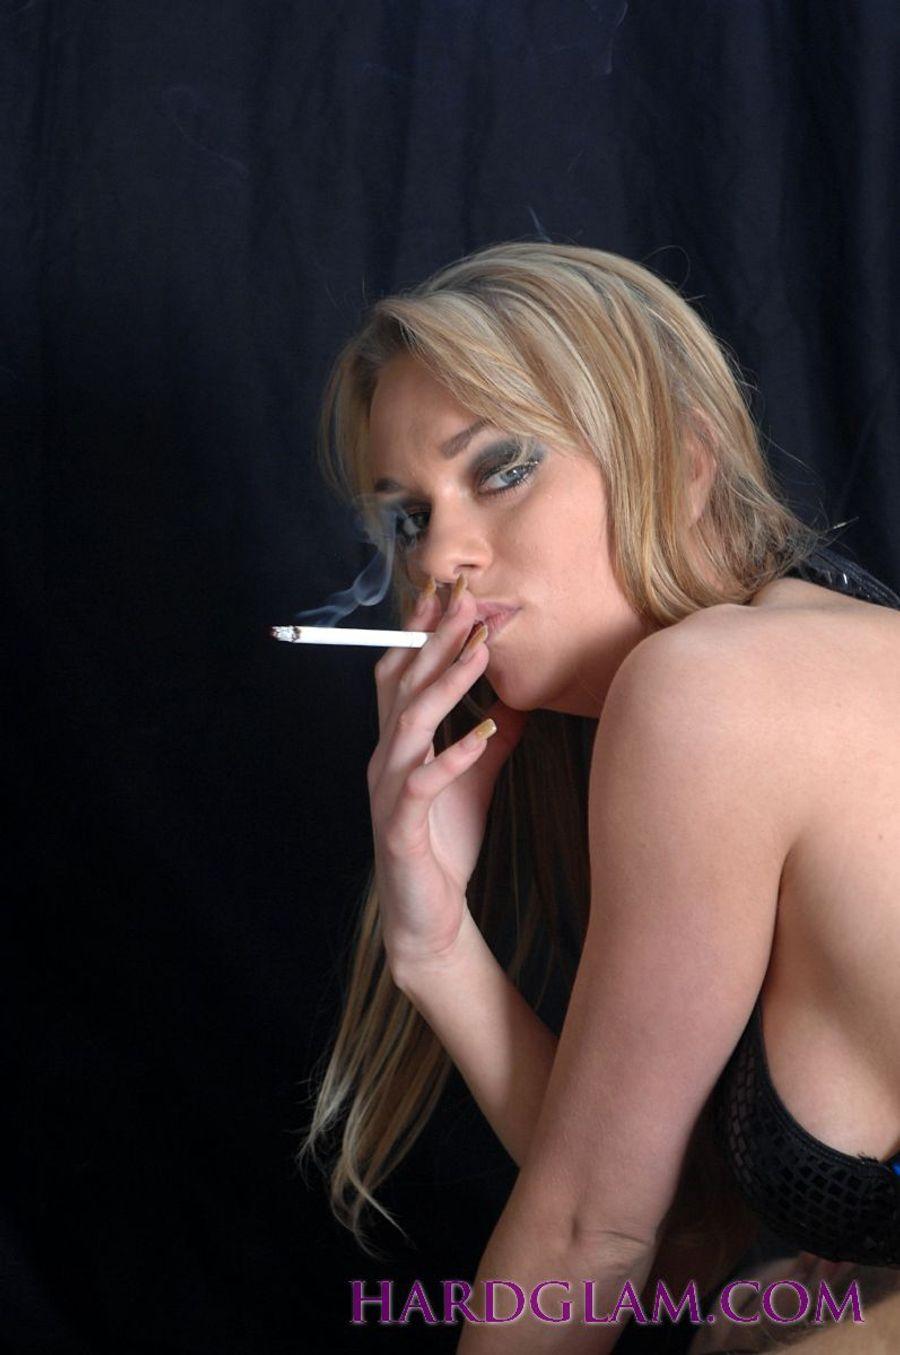 Dahlia Smoking A Cigarette